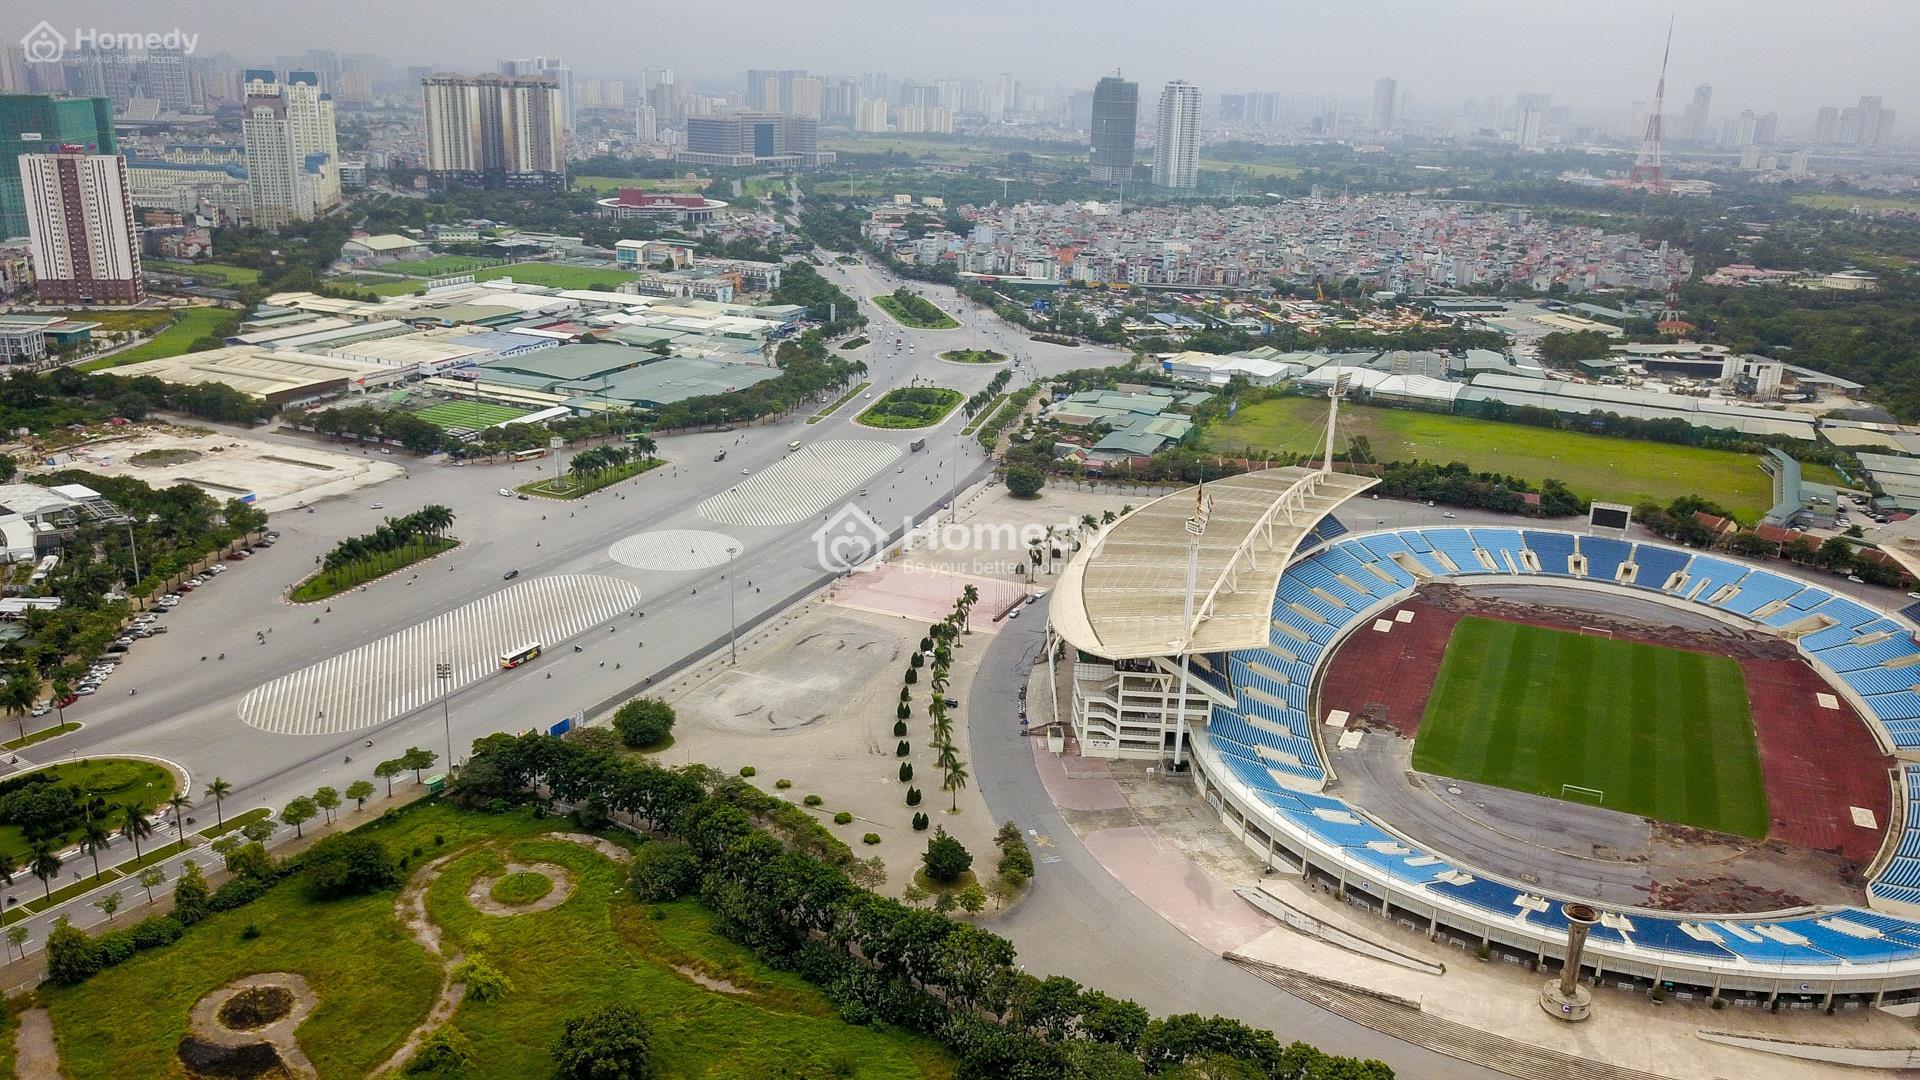 Giá nhà đất phía Tây Hà Nội đang kích thích mạnh nhờ đường đua F1?